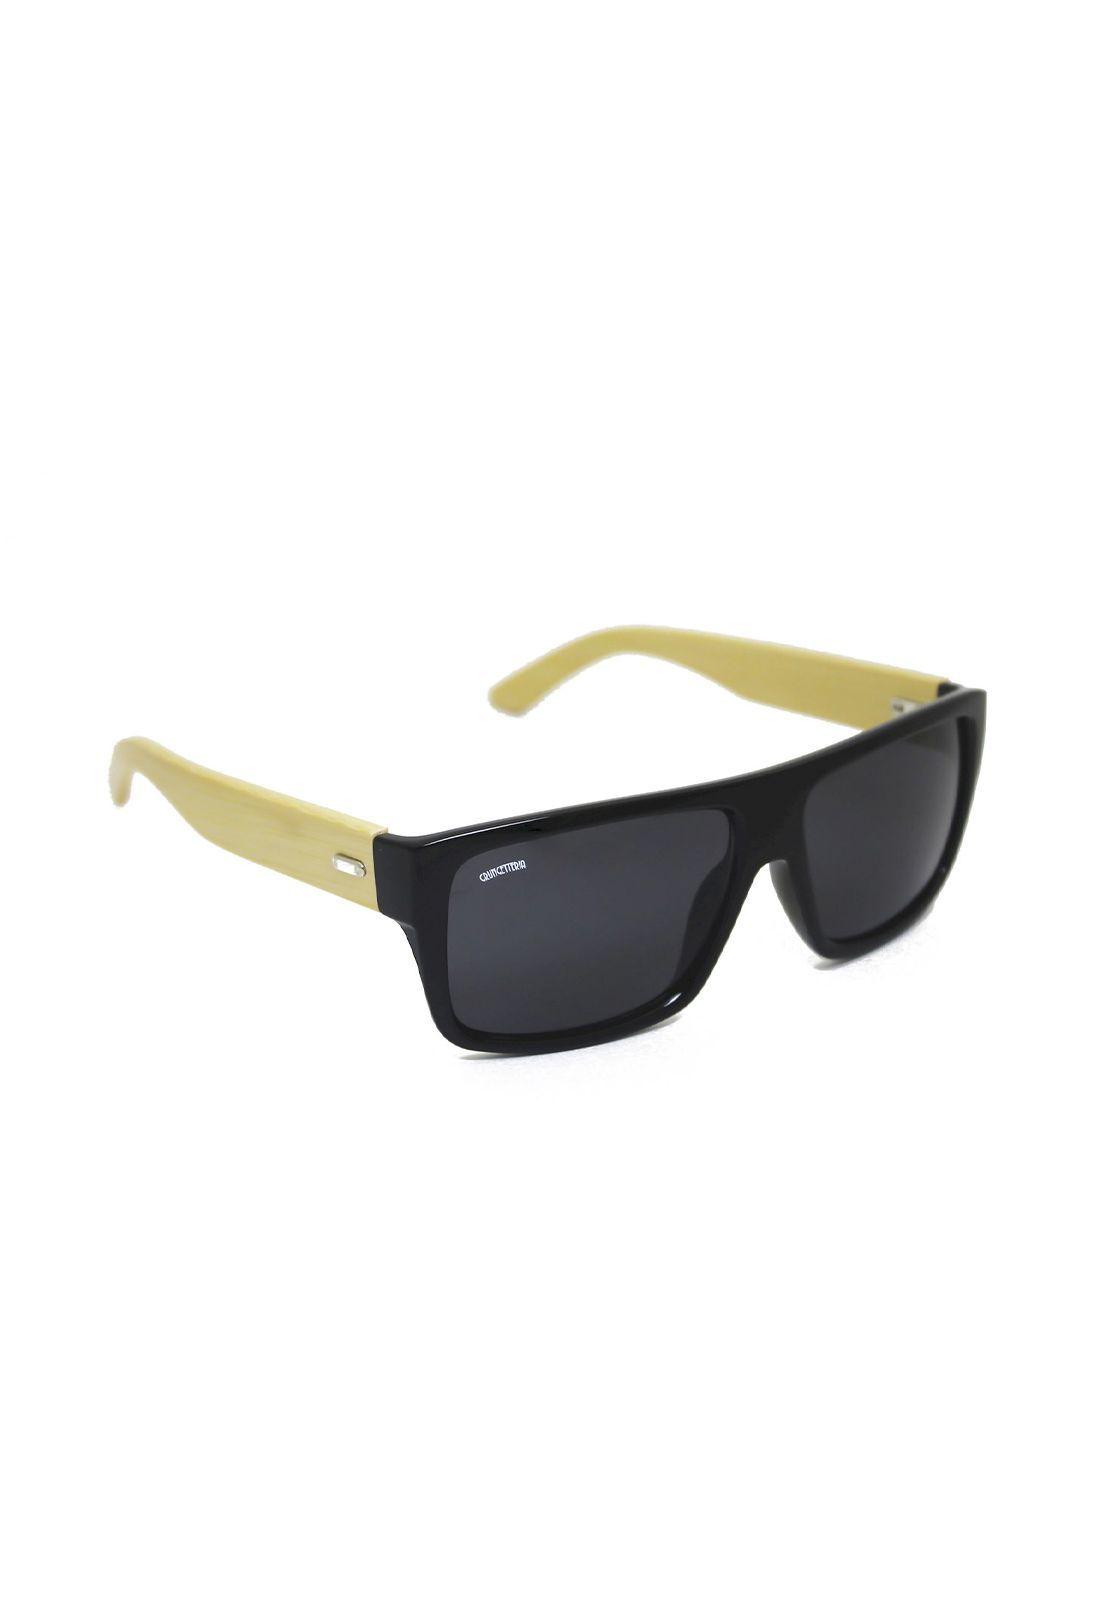 Óculos de Sol Grungetteria Bambooard Preto